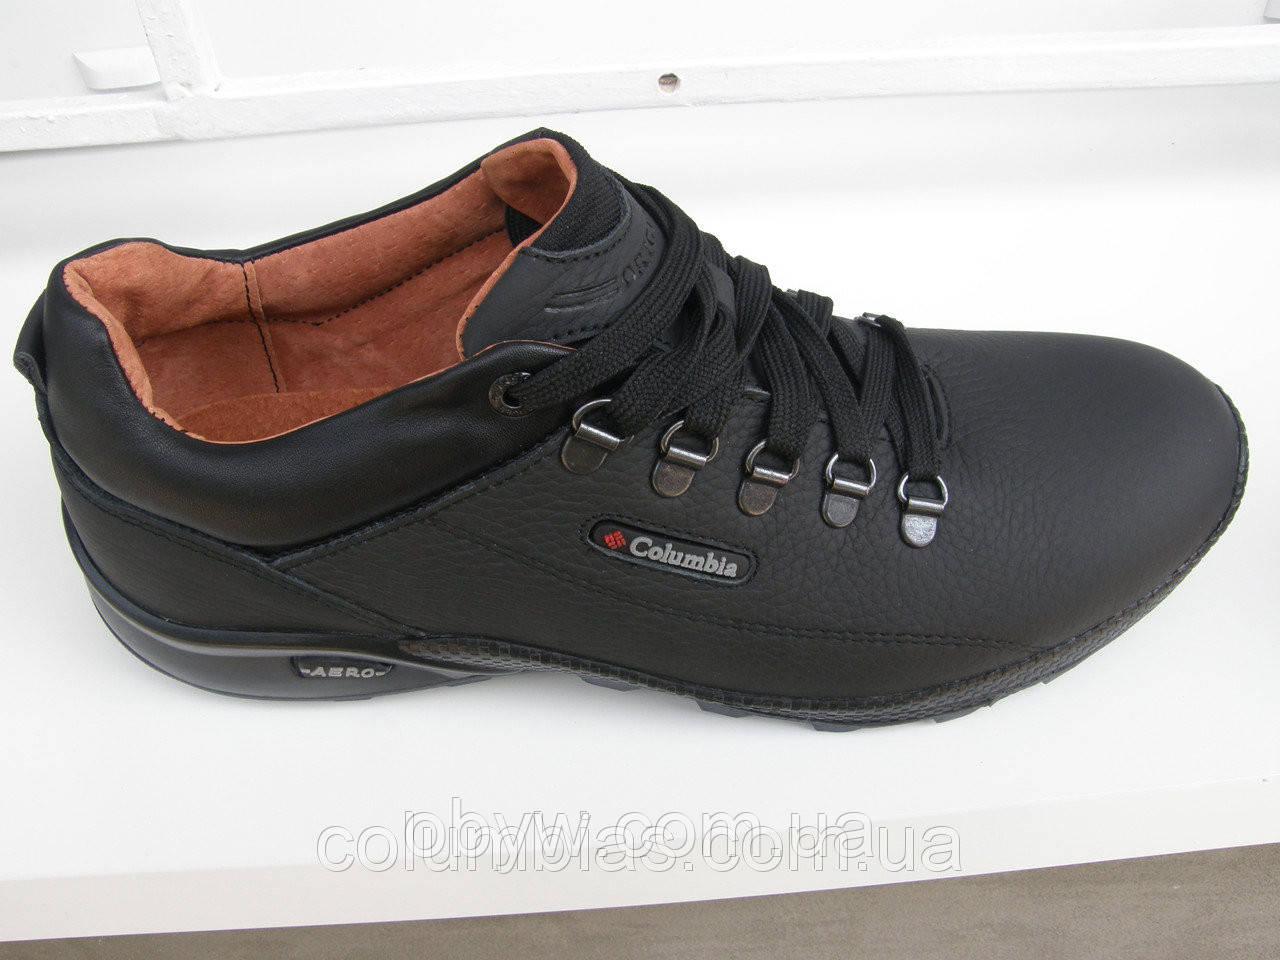 a43aada9cd66 Кожаная обувь Columbia n 67 - ОБУВЬ КУРТКИ В НАЛИЧИИ И ЦЕНЫ АКТУАЛЬНЫ в  Днепре